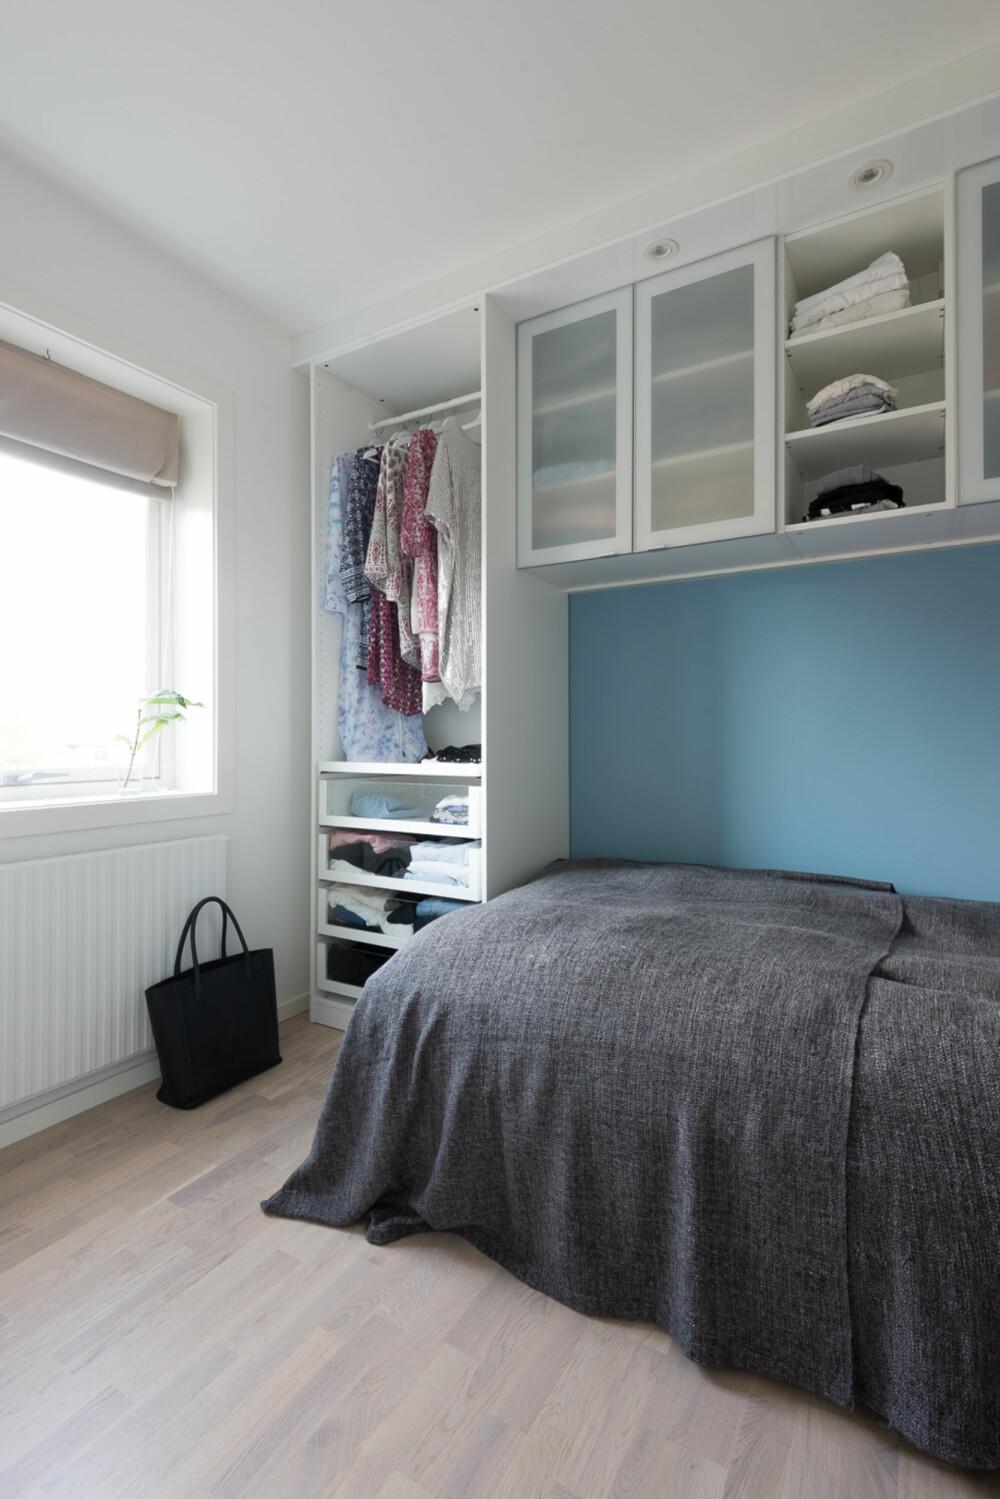 Praktisk. Høyskapet fra Ikea er halvparten av et garderobeskap. Løsningen gir liv og personlighet ti l rommet, men krever en viss ordenssans. Kjøkkenskapene på veggen utnytter volumet og skaper et intimt rom i rommet.